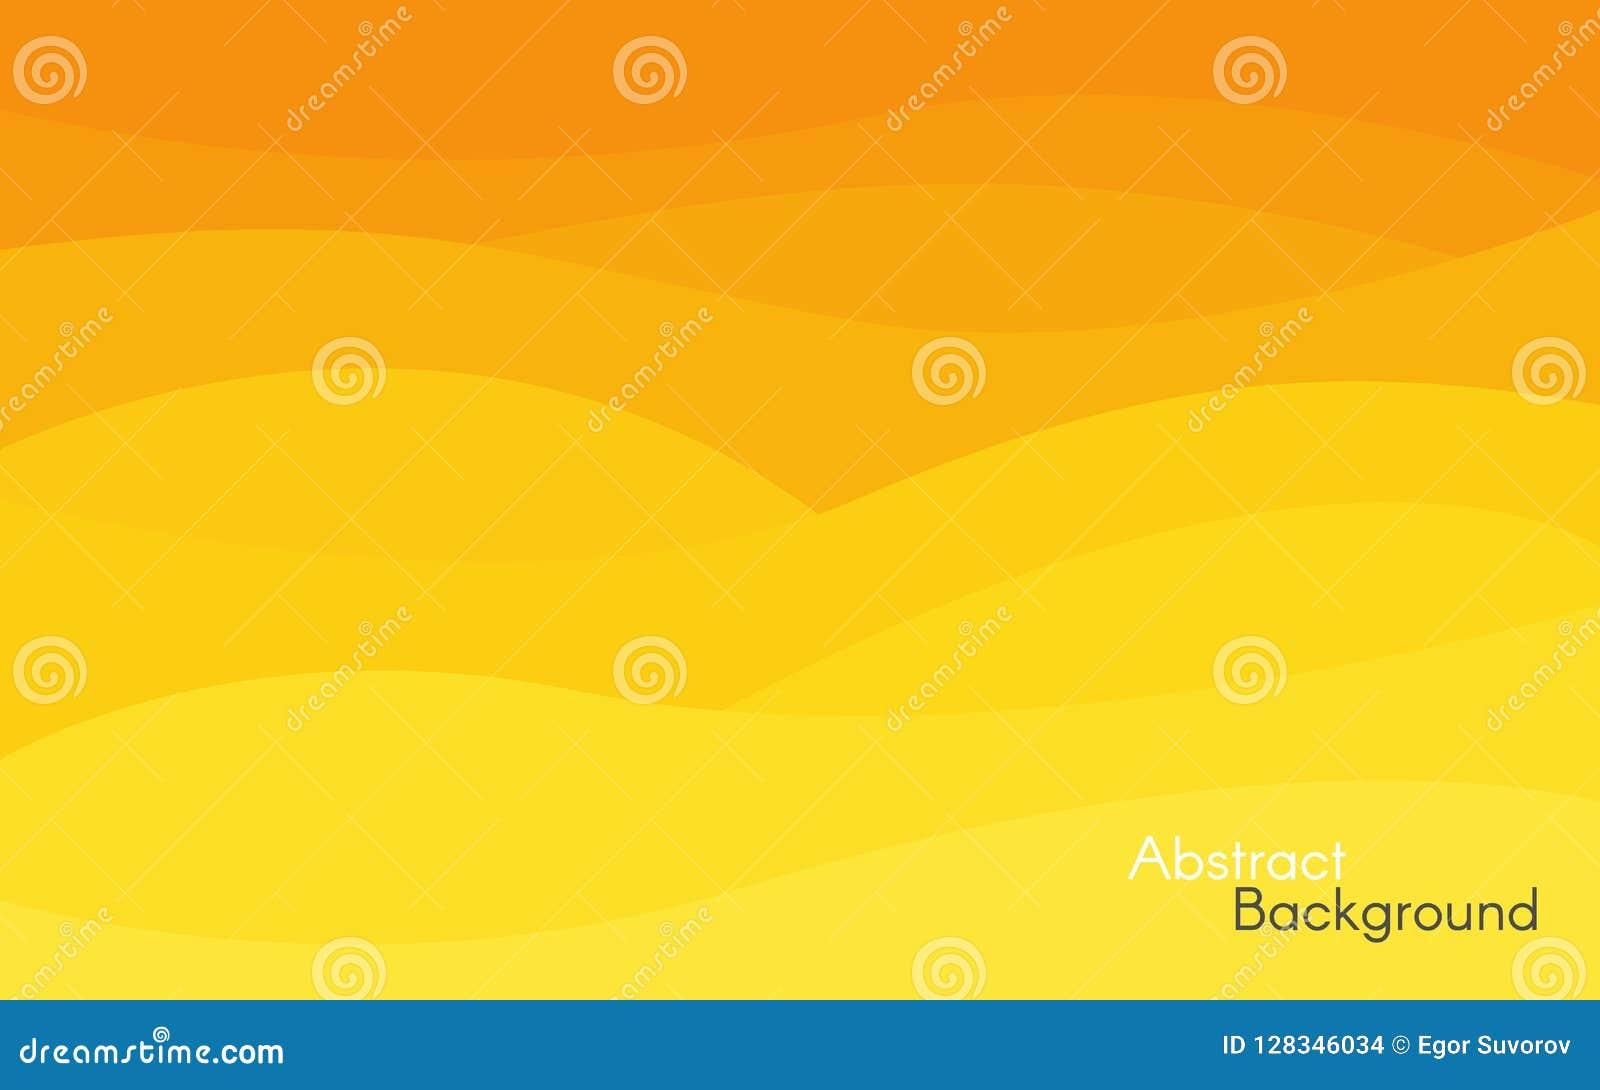 Abstrakter gelber und orange Hintergrund Helles Wellendesign Unbedeutender Hintergrund für Website, Plakat, Karte glatt